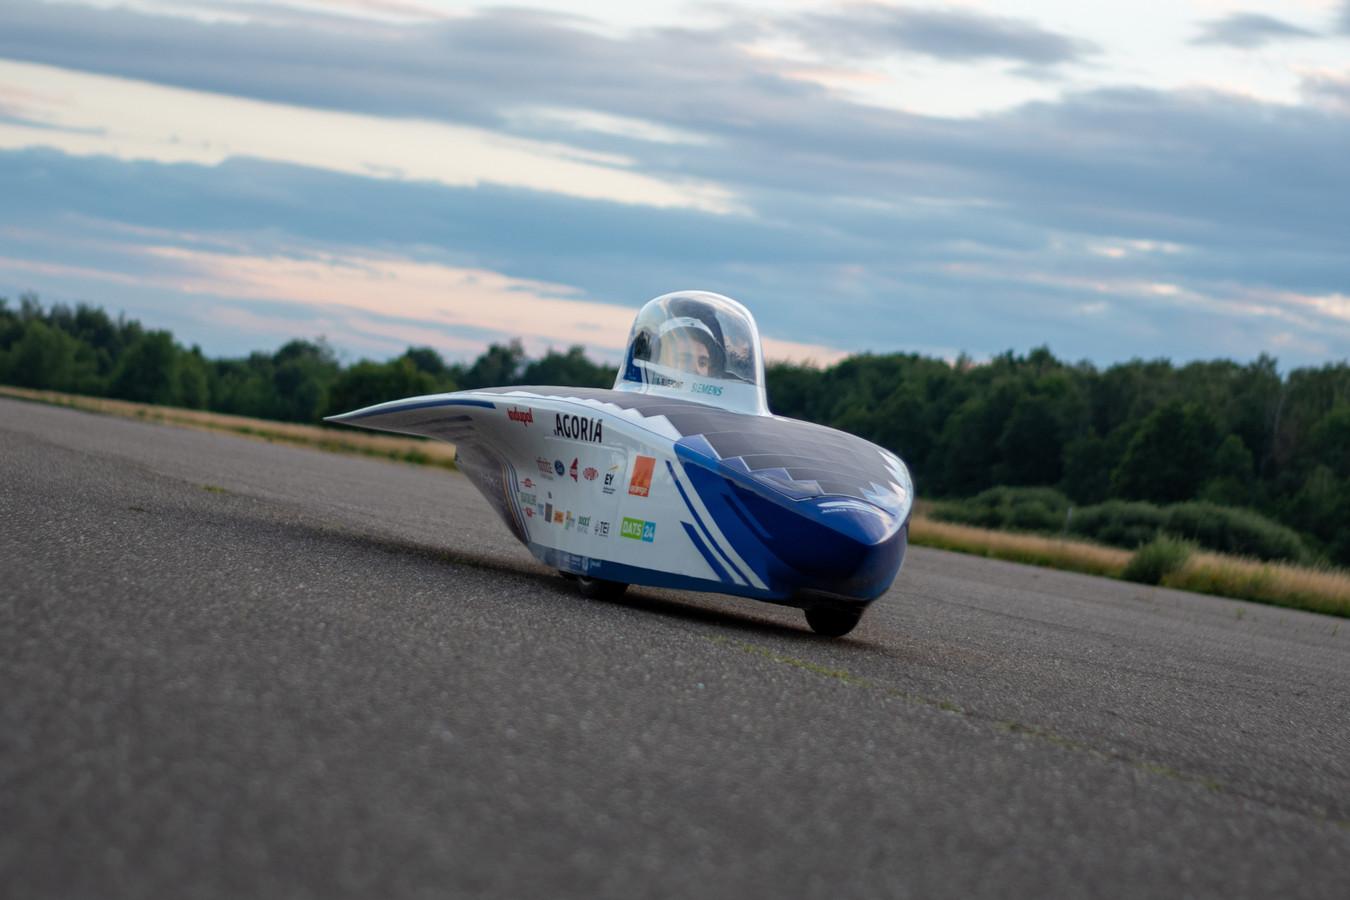 Meest opvallend is de keuze voor een spitse wagenvorm. Deze gestroomlijnde vorm zorgt voor een minimale luchtweerstand tijdens het rijden wat finaal resulteert in een sterk verminderd energieverbruik van de zonnewagen